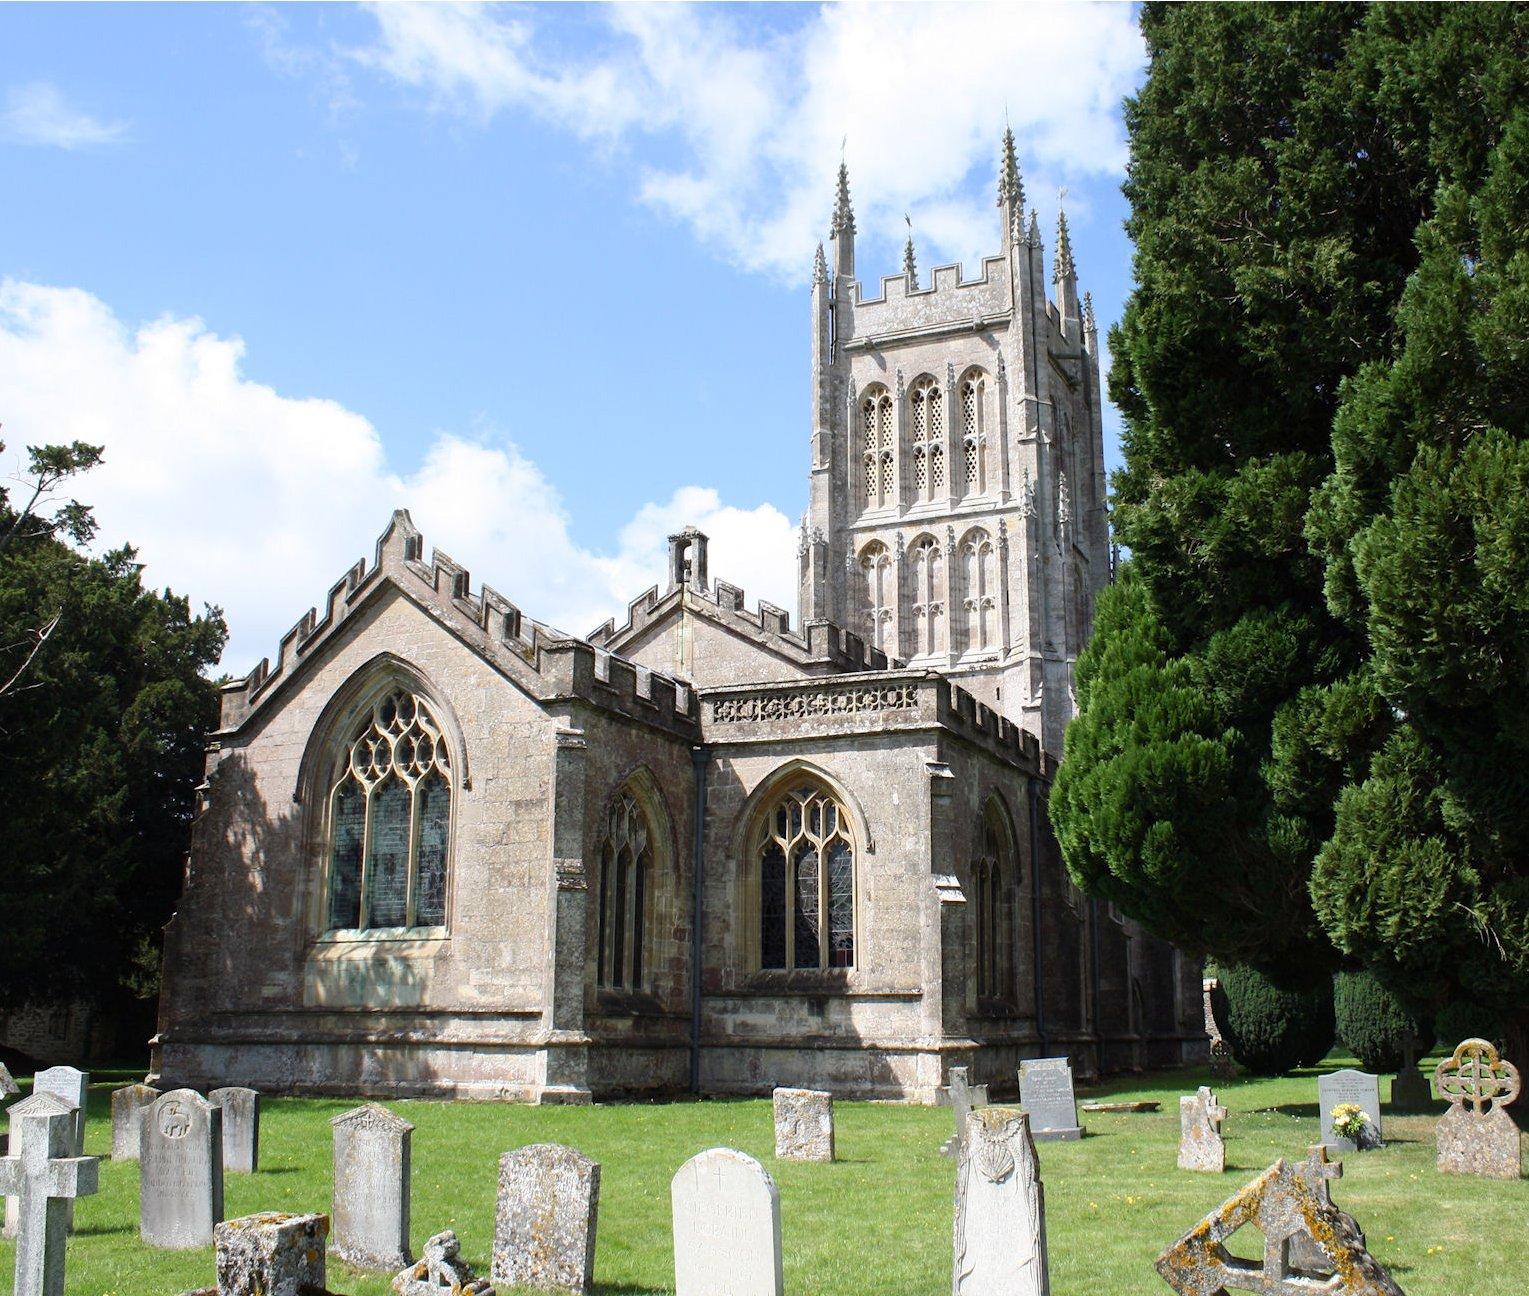 File:St Andrew's Church, Mells, Somerset.jpg